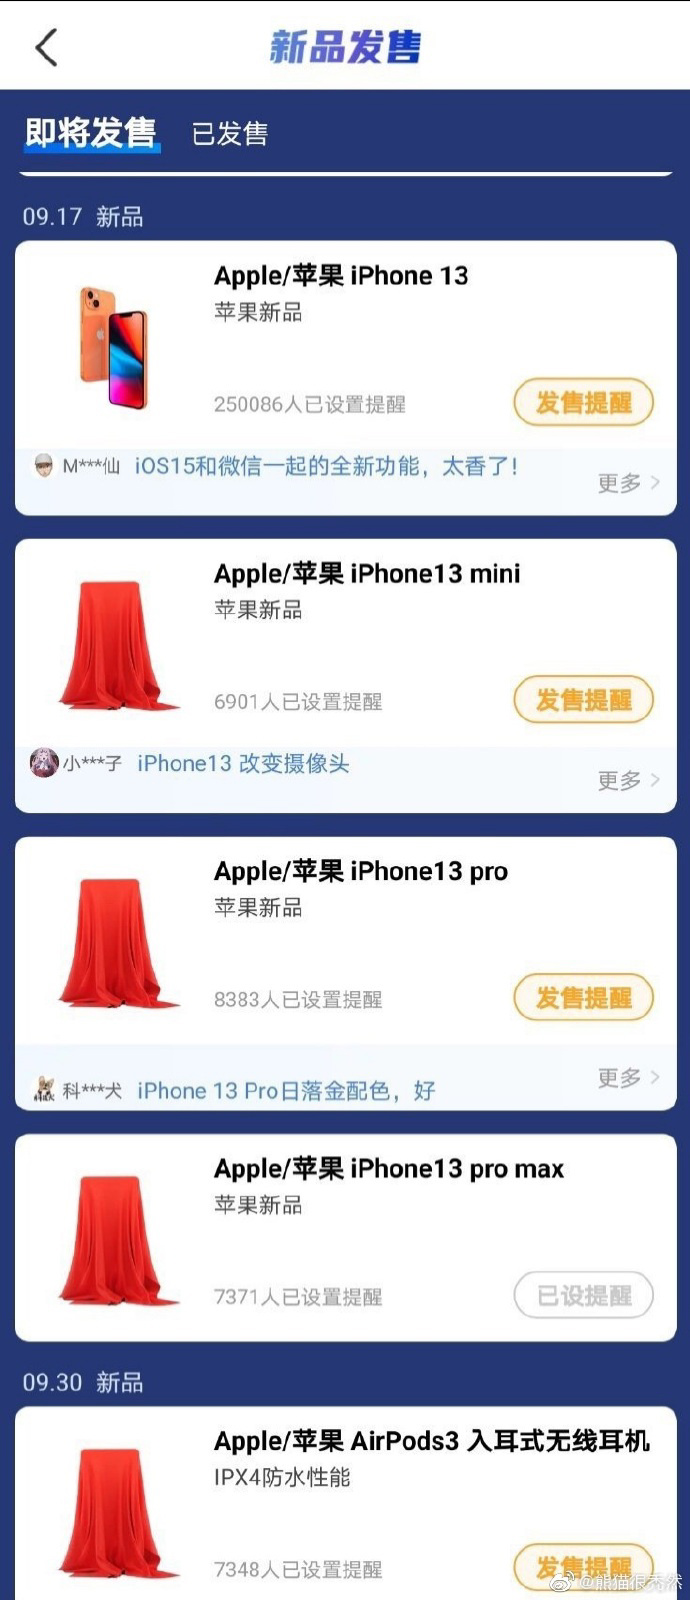 苹果 iPhone 13 发售日期曝光:9 月 17 日